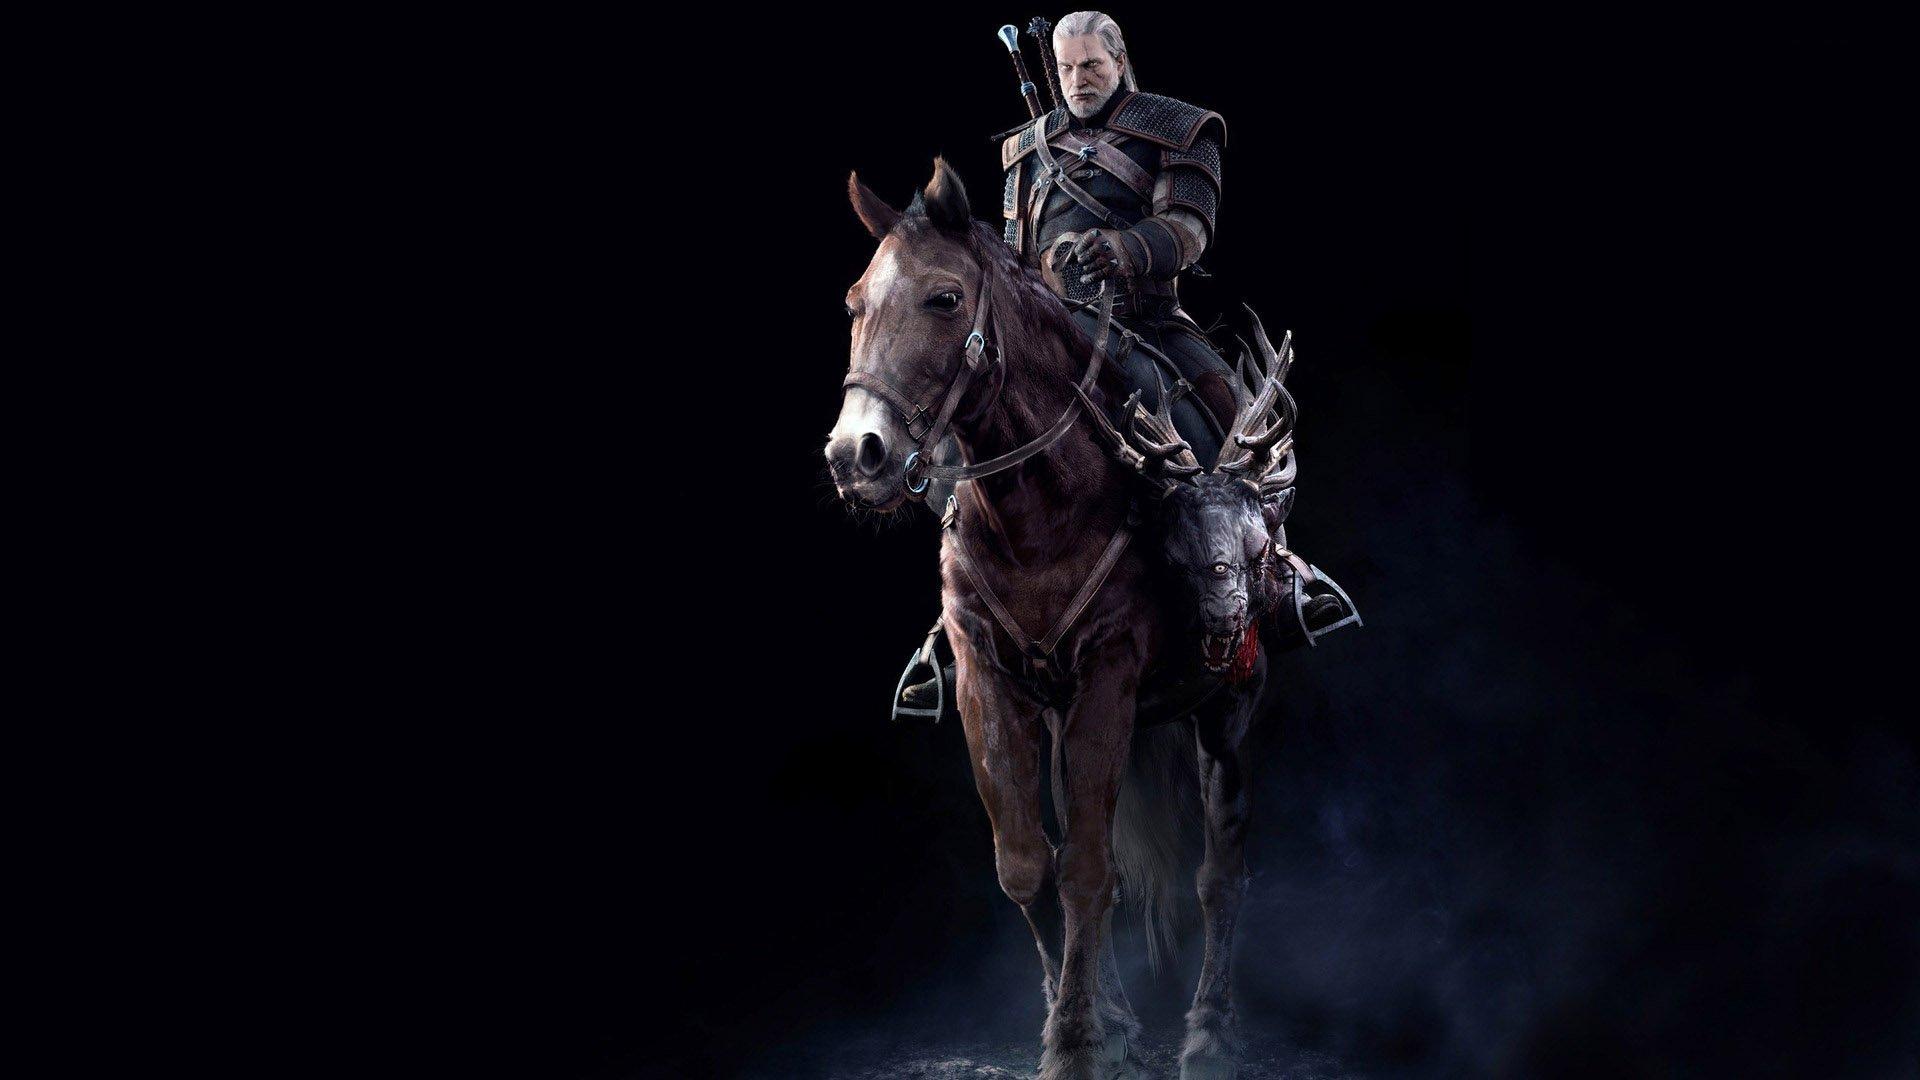 Раскрыли новые детали, касающиеся Witcher 3. - Изображение 1